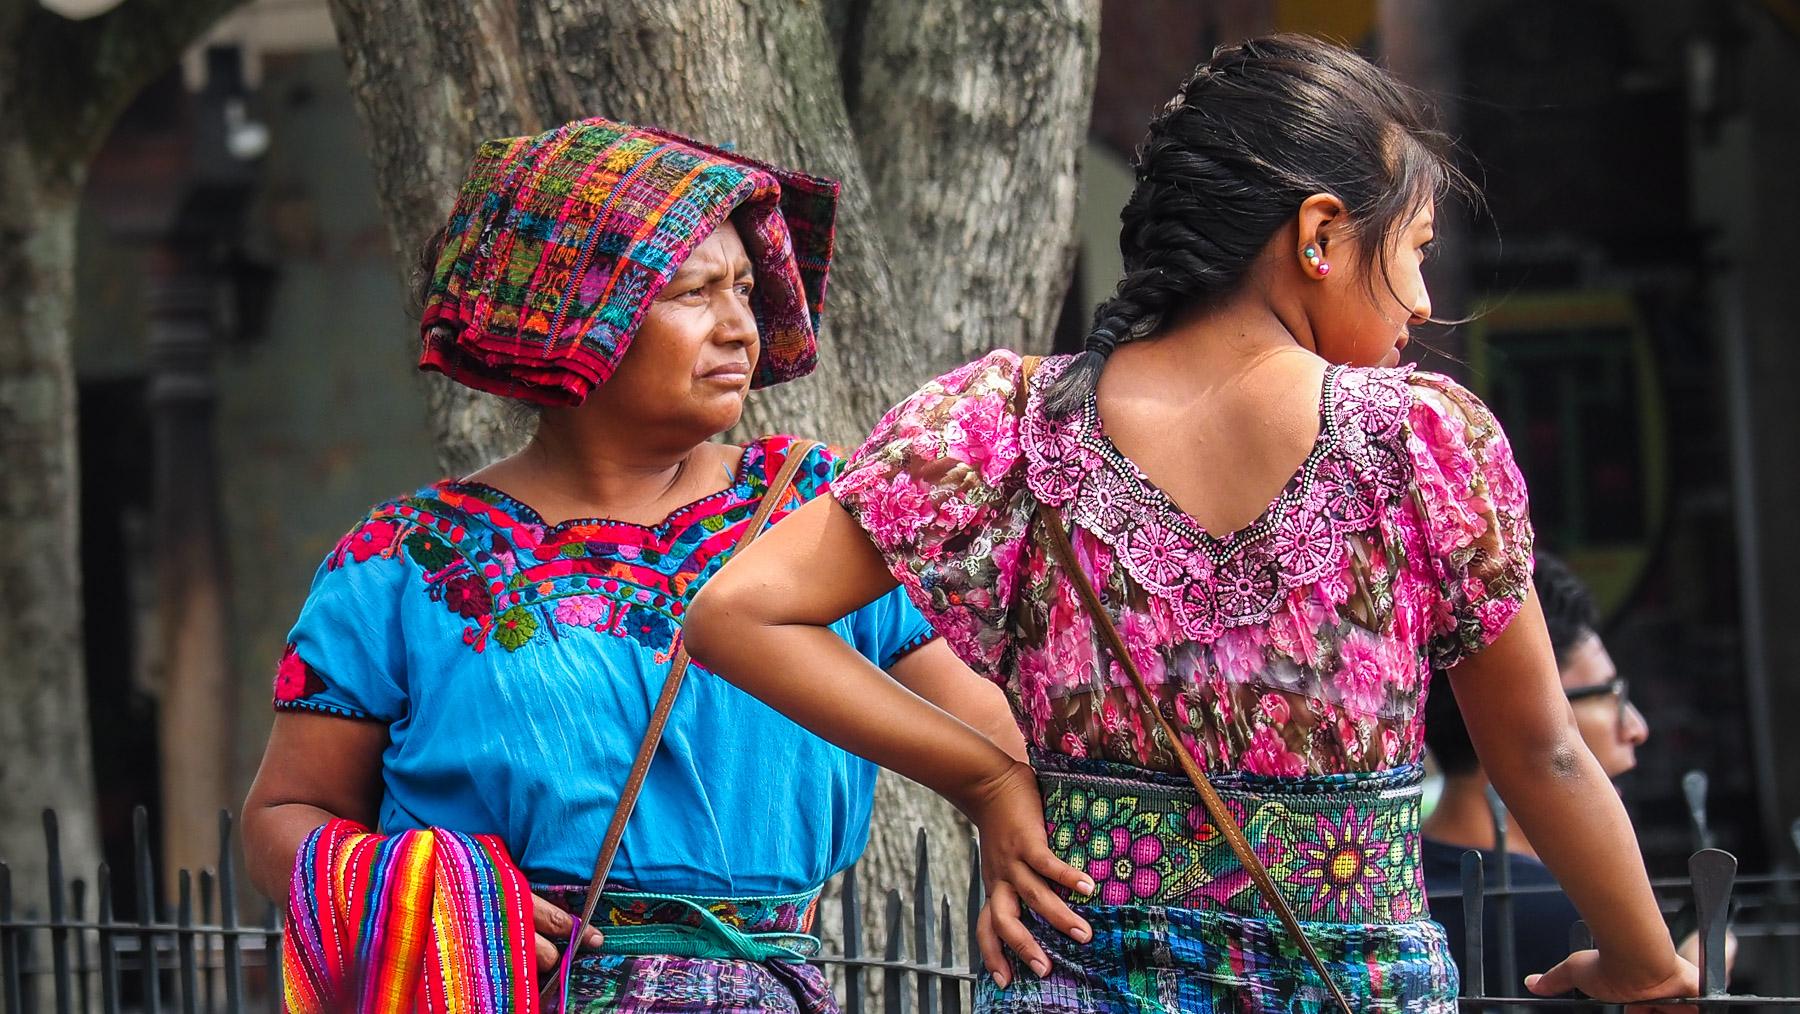 Die schöne Tracht der Frauen in Guatemala